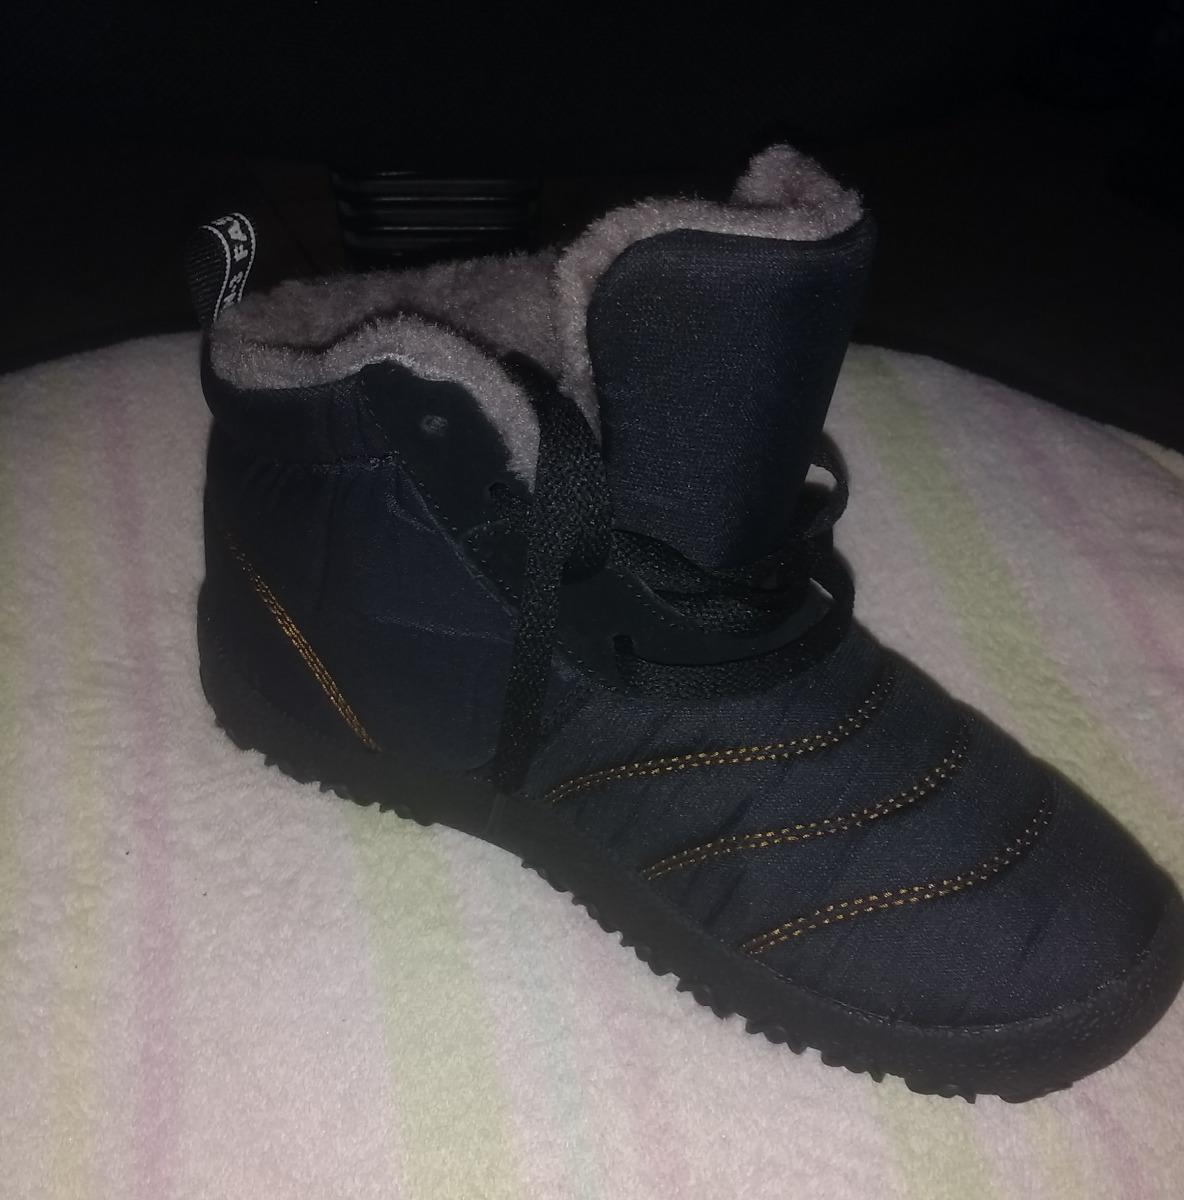 3e98bbc6 zapato para invierno impermeables unisex unico par talla 35. Cargando zoom.